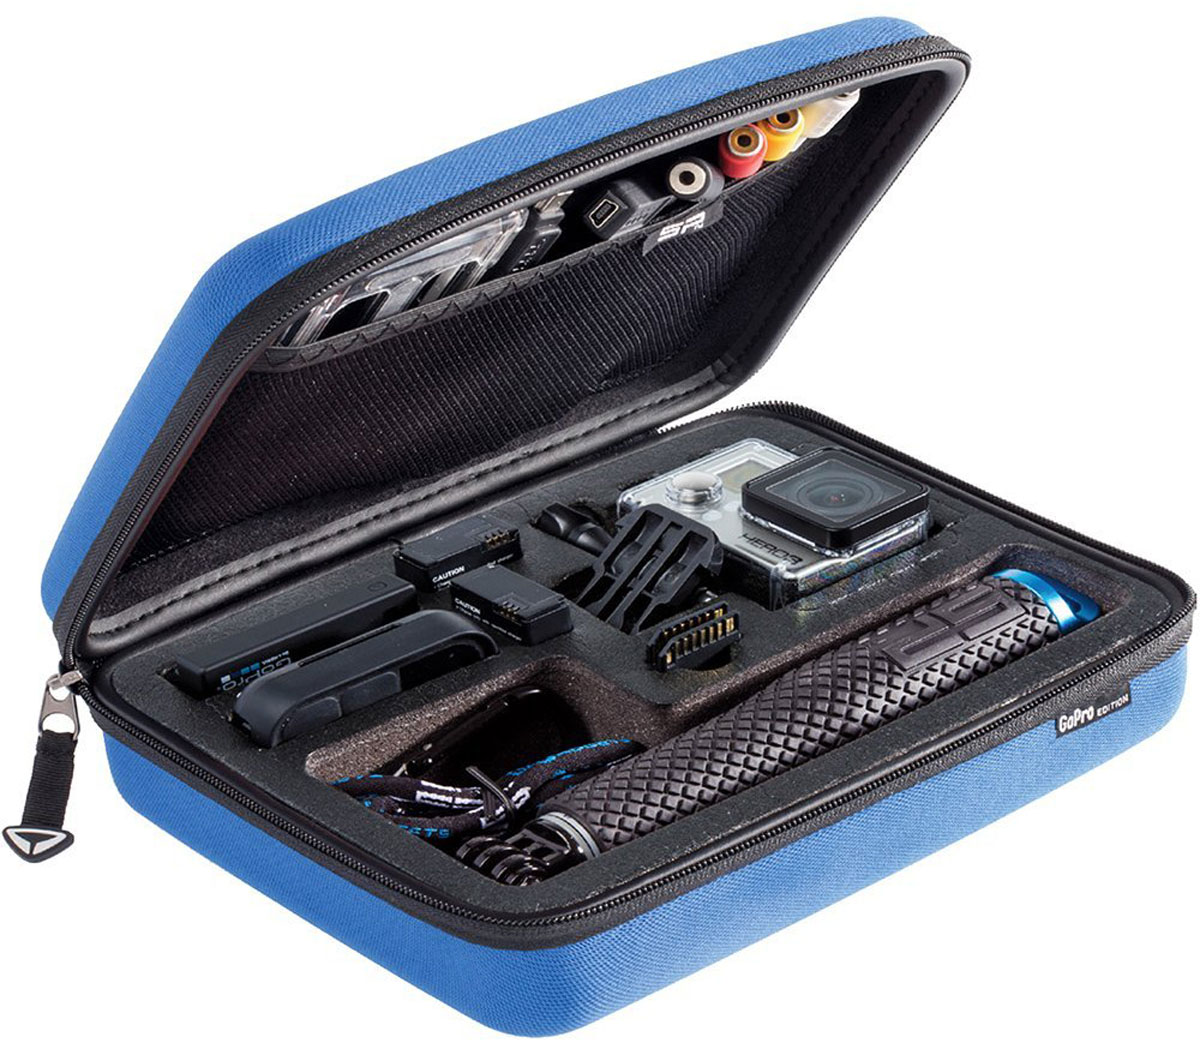 SP-Gadgets POV Case Large GoPro-Edition, Blue кейс для экшн-камеры52041Храните ваши любимые GoPro аксессуары и камеру GoPro в одном, надежном месте и будьте уверены, что в любой ситуации и во время любой съемки у вас будет под рукой все самое необходимое. Органайзер SP-Gadgets POV Case Large GoPro-Edition очень удобен и прост в эксплуатации. Благодаря внешнему покрытию, сделанного из прочной нейлоновой сетчатой ткани, кейс сохраняет чистоту не только внутри, но и на поверхности.Внутреннее покрытие из мягкого велюра обеспечит самый бережный уход вашей камере и различным аксессуарам. Удобный дополнительный держатель на замке позволит открыть кейс в одно мгновение.Органайзер отличается не только размерами, но и цветовой гаммой. Любой его обладатель сможет почеркнуть свою индивидуальность с различными вариантами дизайна: от классического черного до сочного желтого, от камуфляжных принтов до рисунка с черепами. Каждый кейс разработан для оптимального хранения определенного набора аксессуаров: чем он вместительнее, тем больше необходимых креплений вы сможете взять с собой для съемок.SP-Gadgets POV Case Large GoPro-Edition предназначен для 2-х камер GoPro в защитном бокcе, 2-х дополнительных аккумуляторов, 2-х LCD экранов/2-х дополнительных аккумуляторных батарей BacPac, SD карт памяти, Wi-Fi пульта д/у, набора креплений на присоске, крепления на штатив, зарядного устройства, дополнительных задних крышек для бокса, поплавка для камеры, кабелей и других аксессуаров.Внутренние ячейки - наполнитель PicknPluckПодкладка - велюр